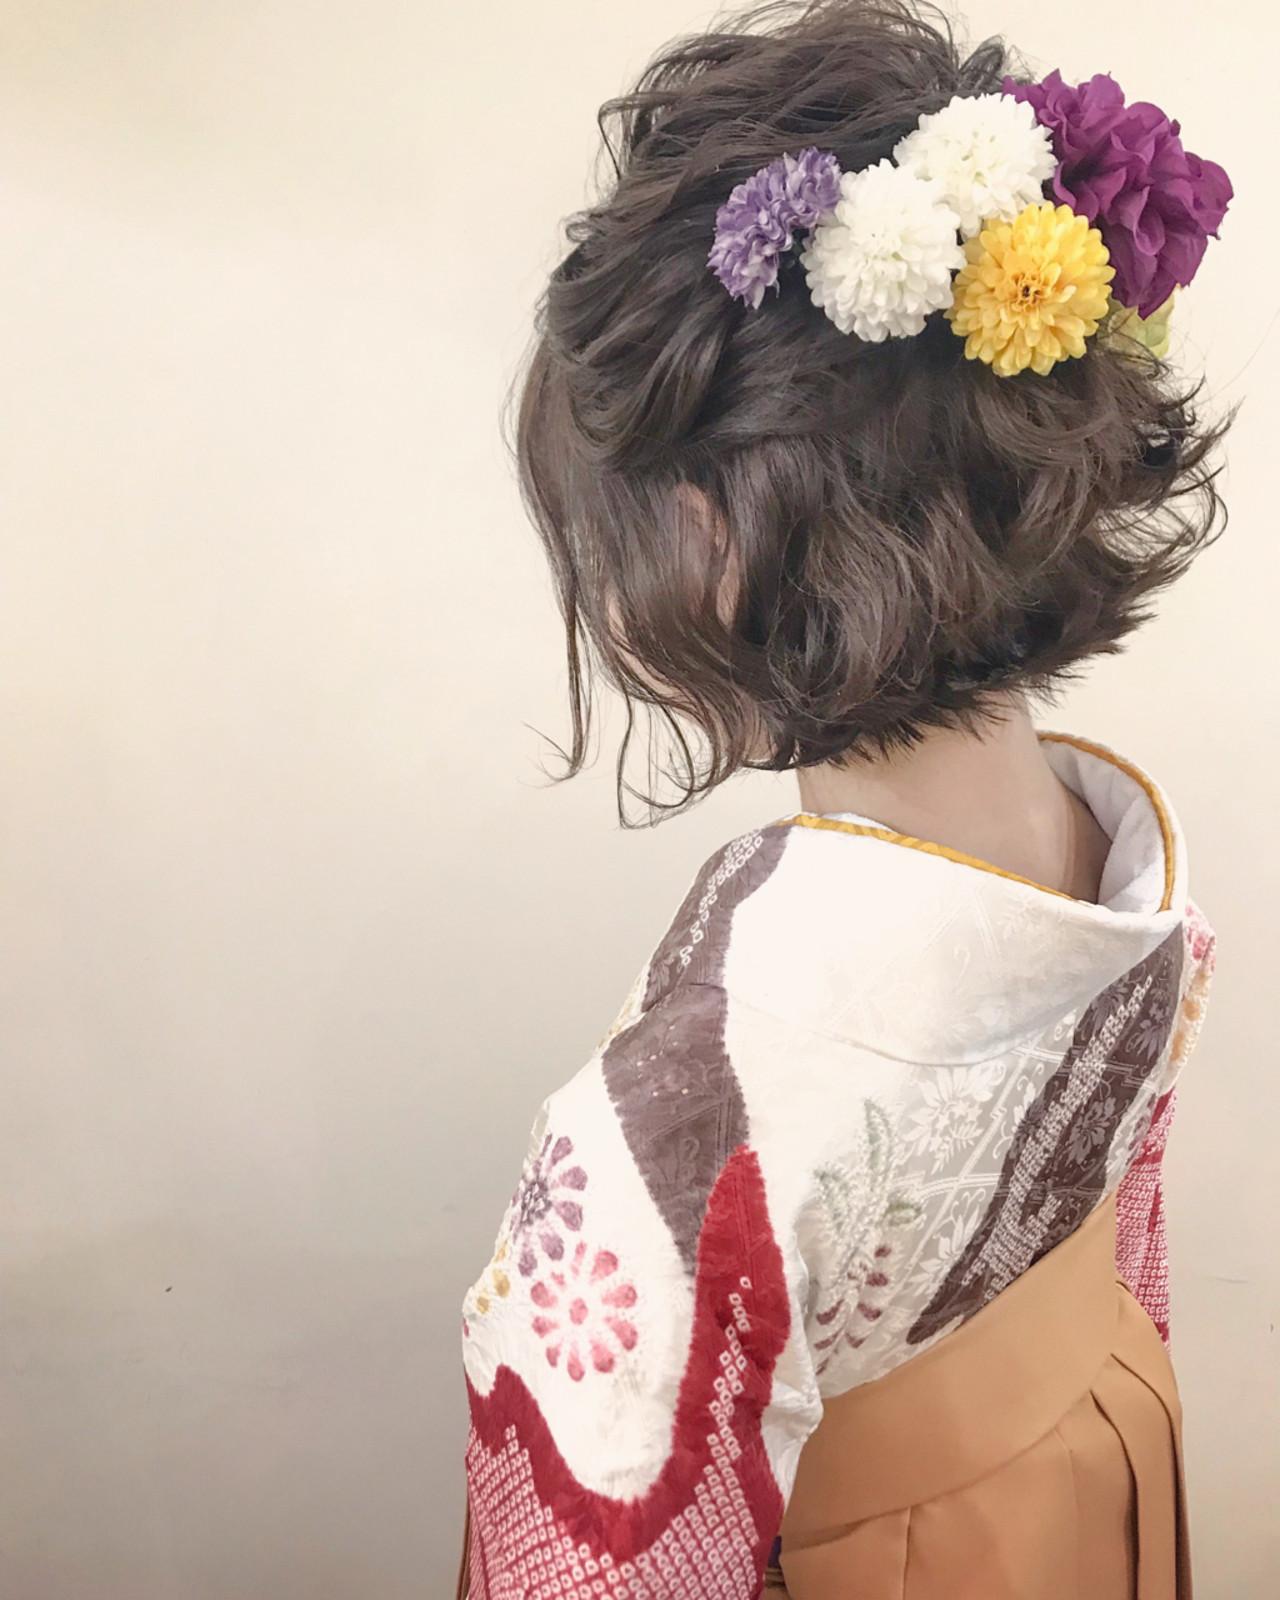 【髪型に迷う女子必見!】流行りの髪型でおしゃれ女子に変身♡の24枚目の画像